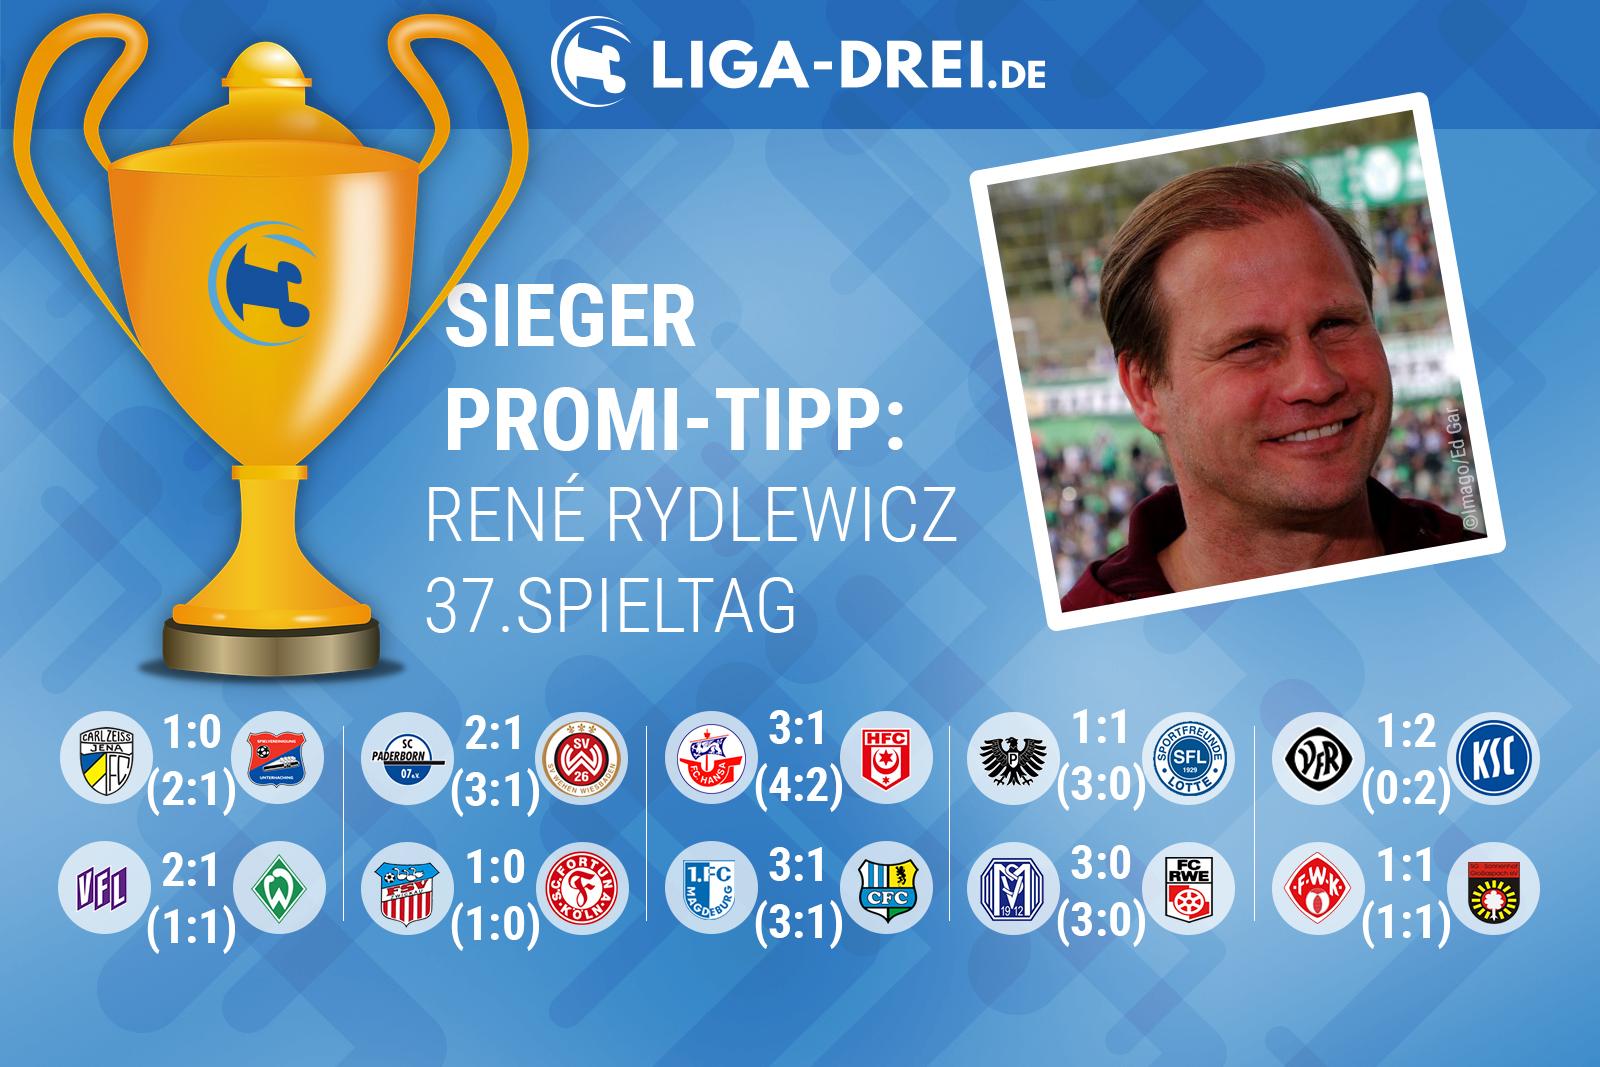 René Rydlewicu gewinnt beim Liga-Drei.de Promi Tipp